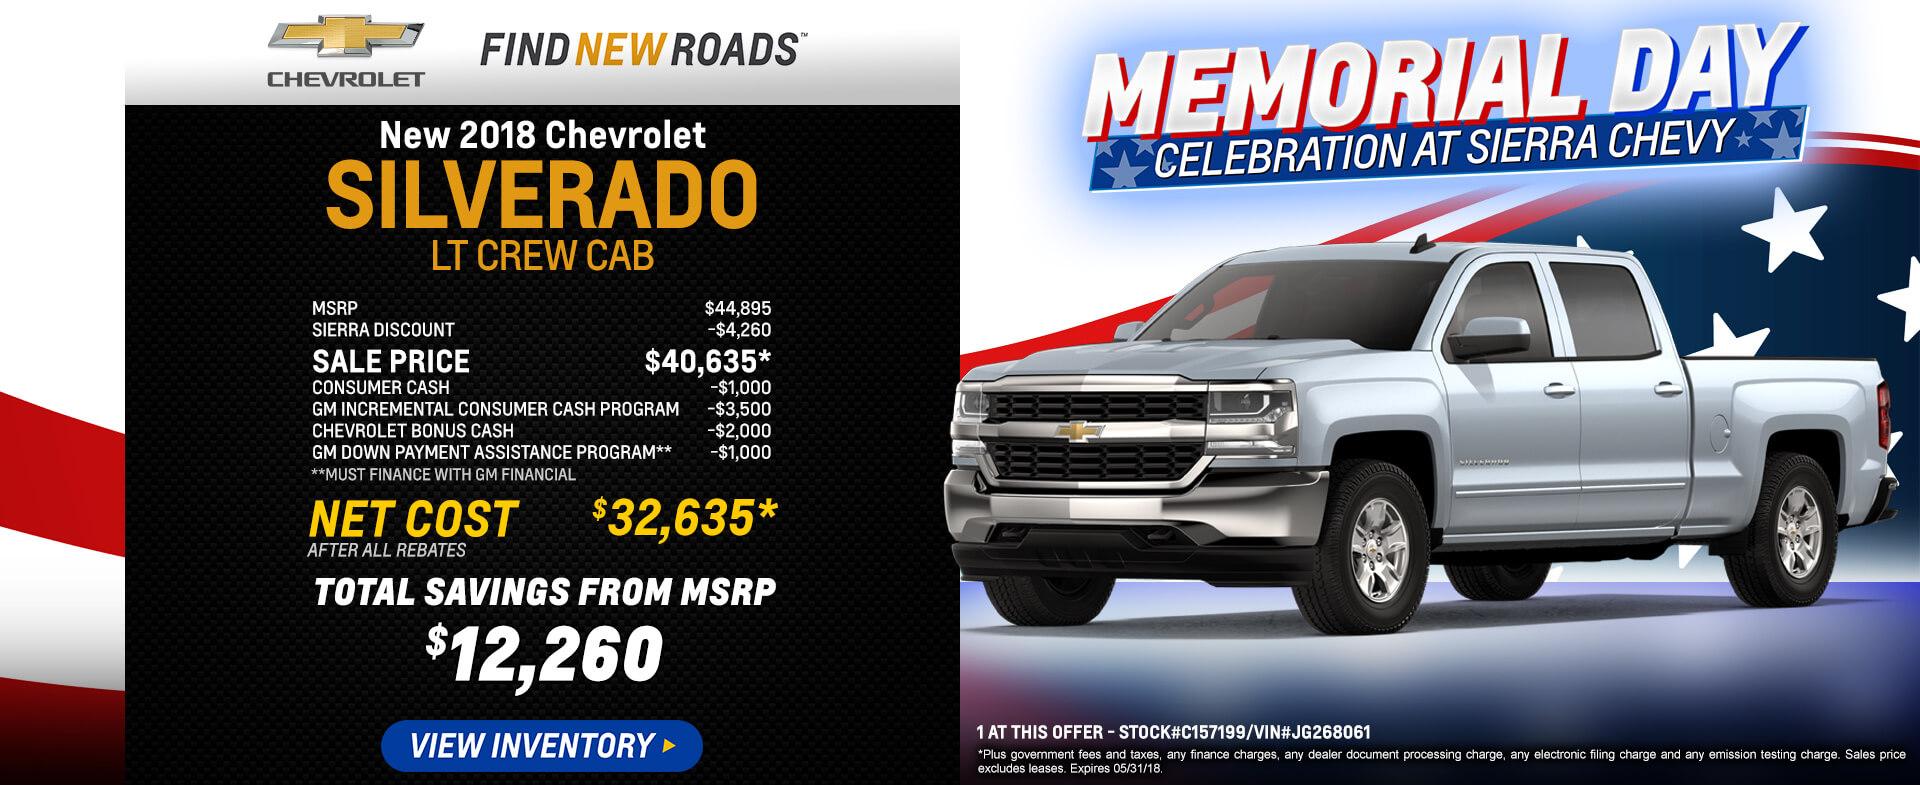 Silverado LT Crew Cab $32,635